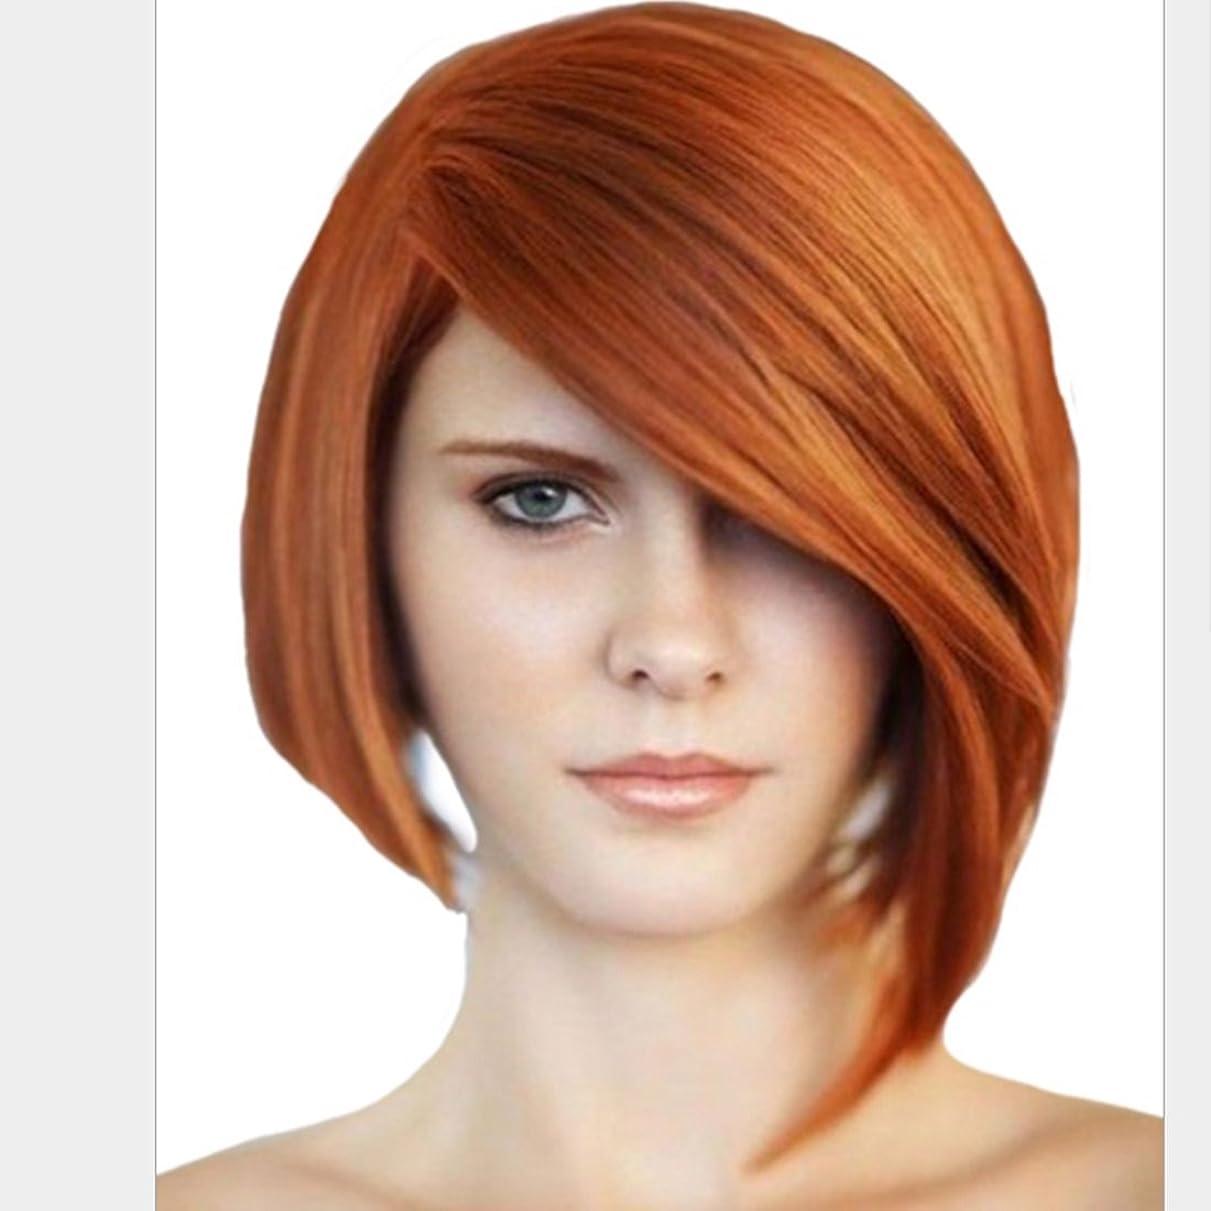 知り合いになる怒っている価値のないHOHYLLYA 女性のための化学繊維ゴールドかつら斜めの髪飾り付きストレートヘアヘアヘッド白人女性のための抵抗性のかつら8インチのかつら (色 : ゴールド)